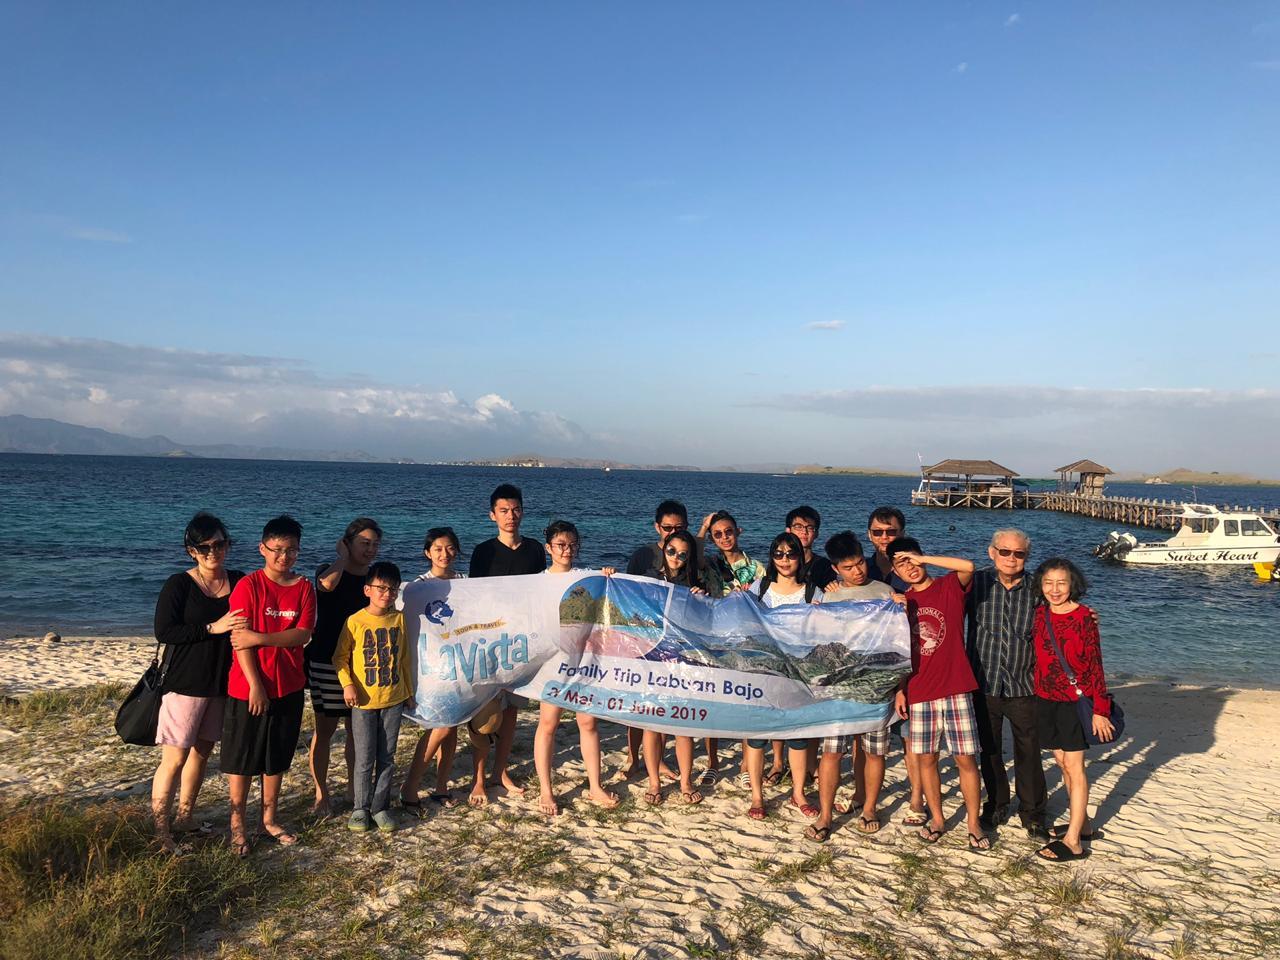 Labuan Bajo 29 Mei 2019 7